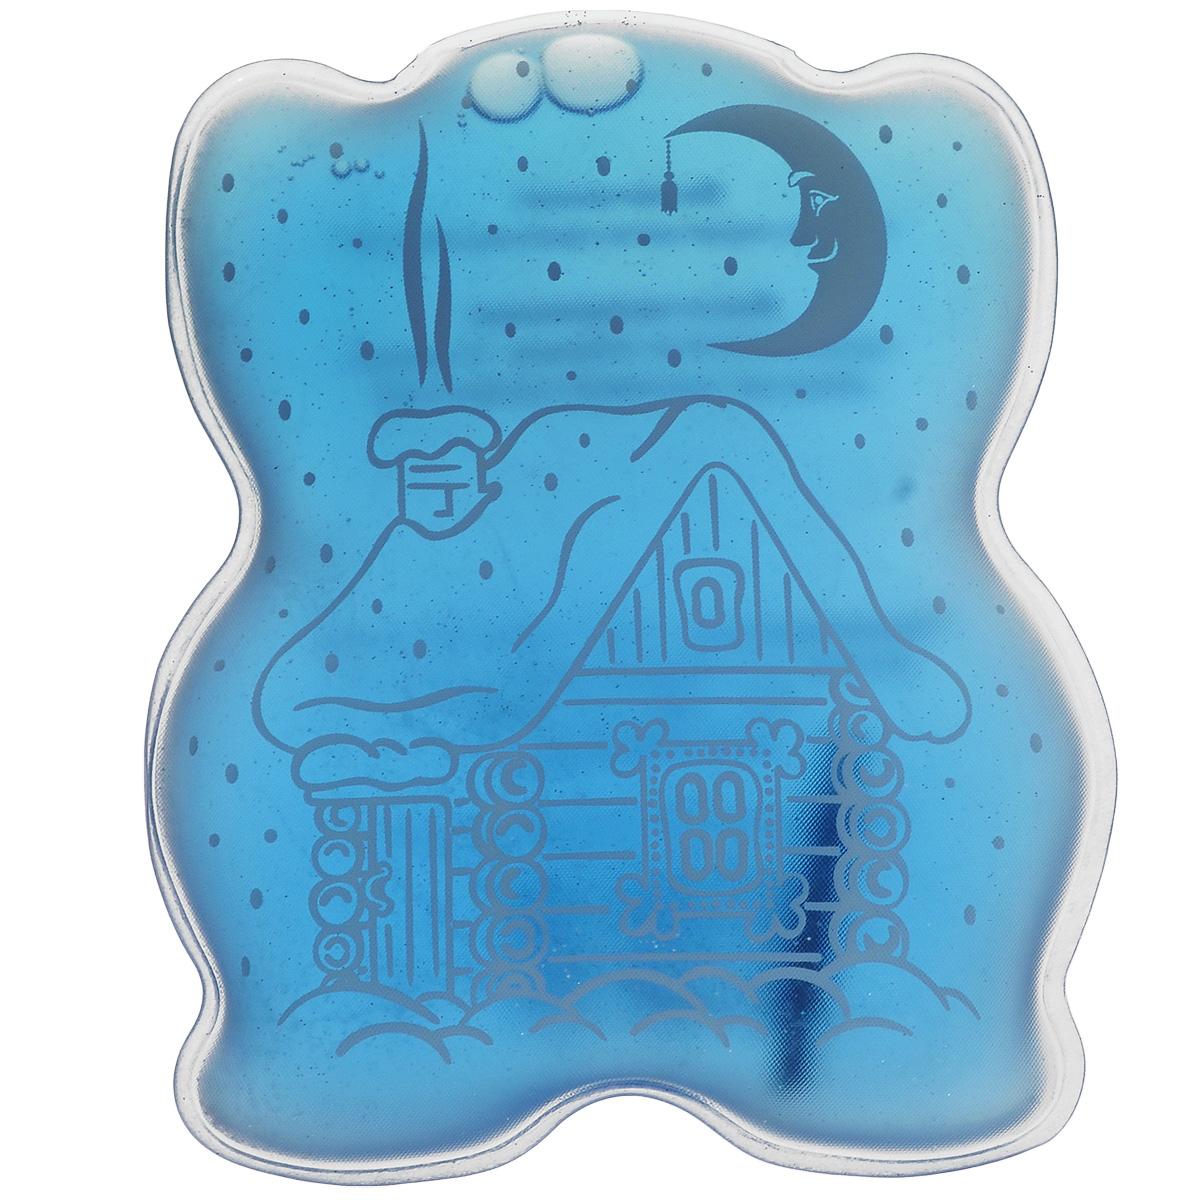 Грелка солевая Дельтатерм Теплая избушка, цвет: голубой00-00000205Грелка солевая Дельтатерм Теплая избушка выполнена из очень прочной пленки ПВХ и наполнена раствором соли. В растворе плавает палочка-пускатель, которую достаточно слегка перегнуть и моментально начинается процесс кристаллизации соли с выделением тепла до температуры +52°C. Солевая грелка - это замечательное физиотерапевтическое средство. Солевая грелка глубоко прогреет область уха, горла или носа, суставов. При этом она абсолютно безопасна! Температура нагрева до +52°С рекомендована врачами, как оптимальная для физиотерапевтических процедур, и исключает возможность ожога или перегрева. Вы можете использовать солевую грелку многократно! Просто прокипятите грелку в течение 15 минут, и она снова готова к работе! ВНИМАНИЕ! Если грелка не запустилась с первого раза, то ее необходимо прокипятить. Грелку можно использовать в качестве холодного компресса. Поместите незапущенную грелку в холодильную камеру на 30-40 минут, за это время она охладится до...